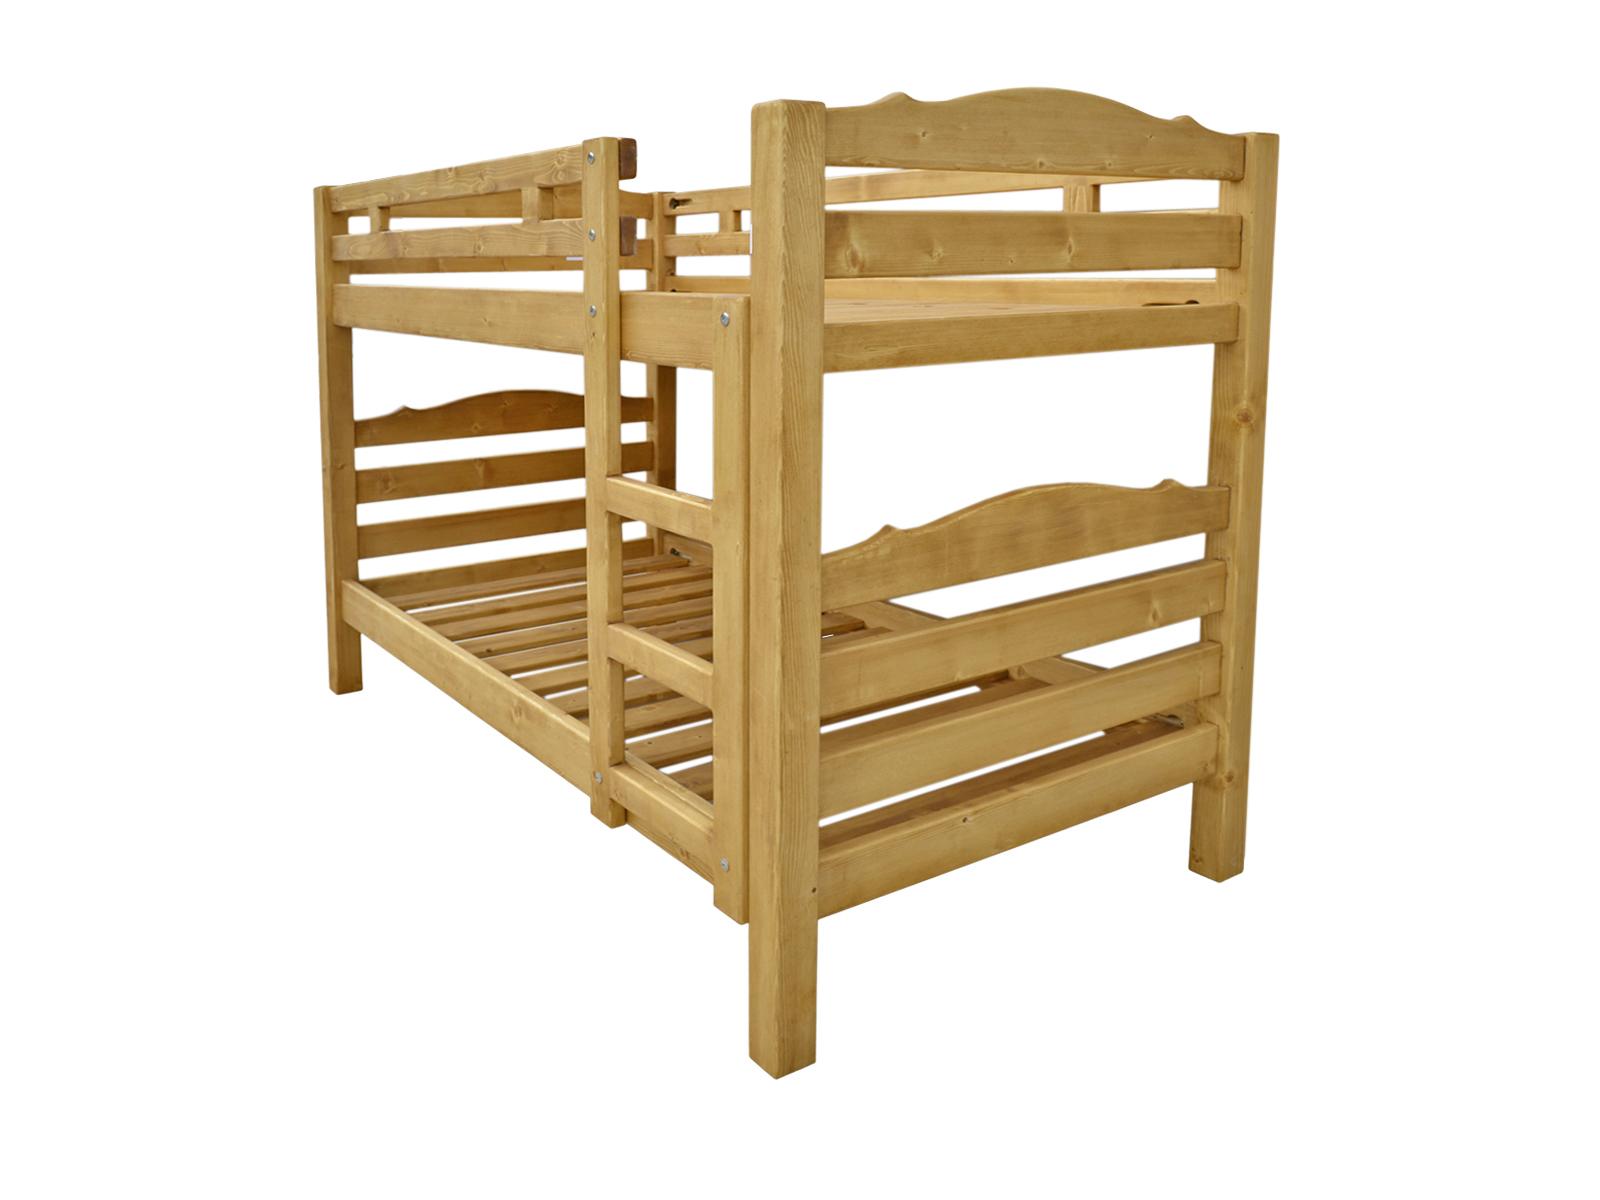 Lit Superposé 3 Étages lit superposé en bois massif : devis sur techni-contact